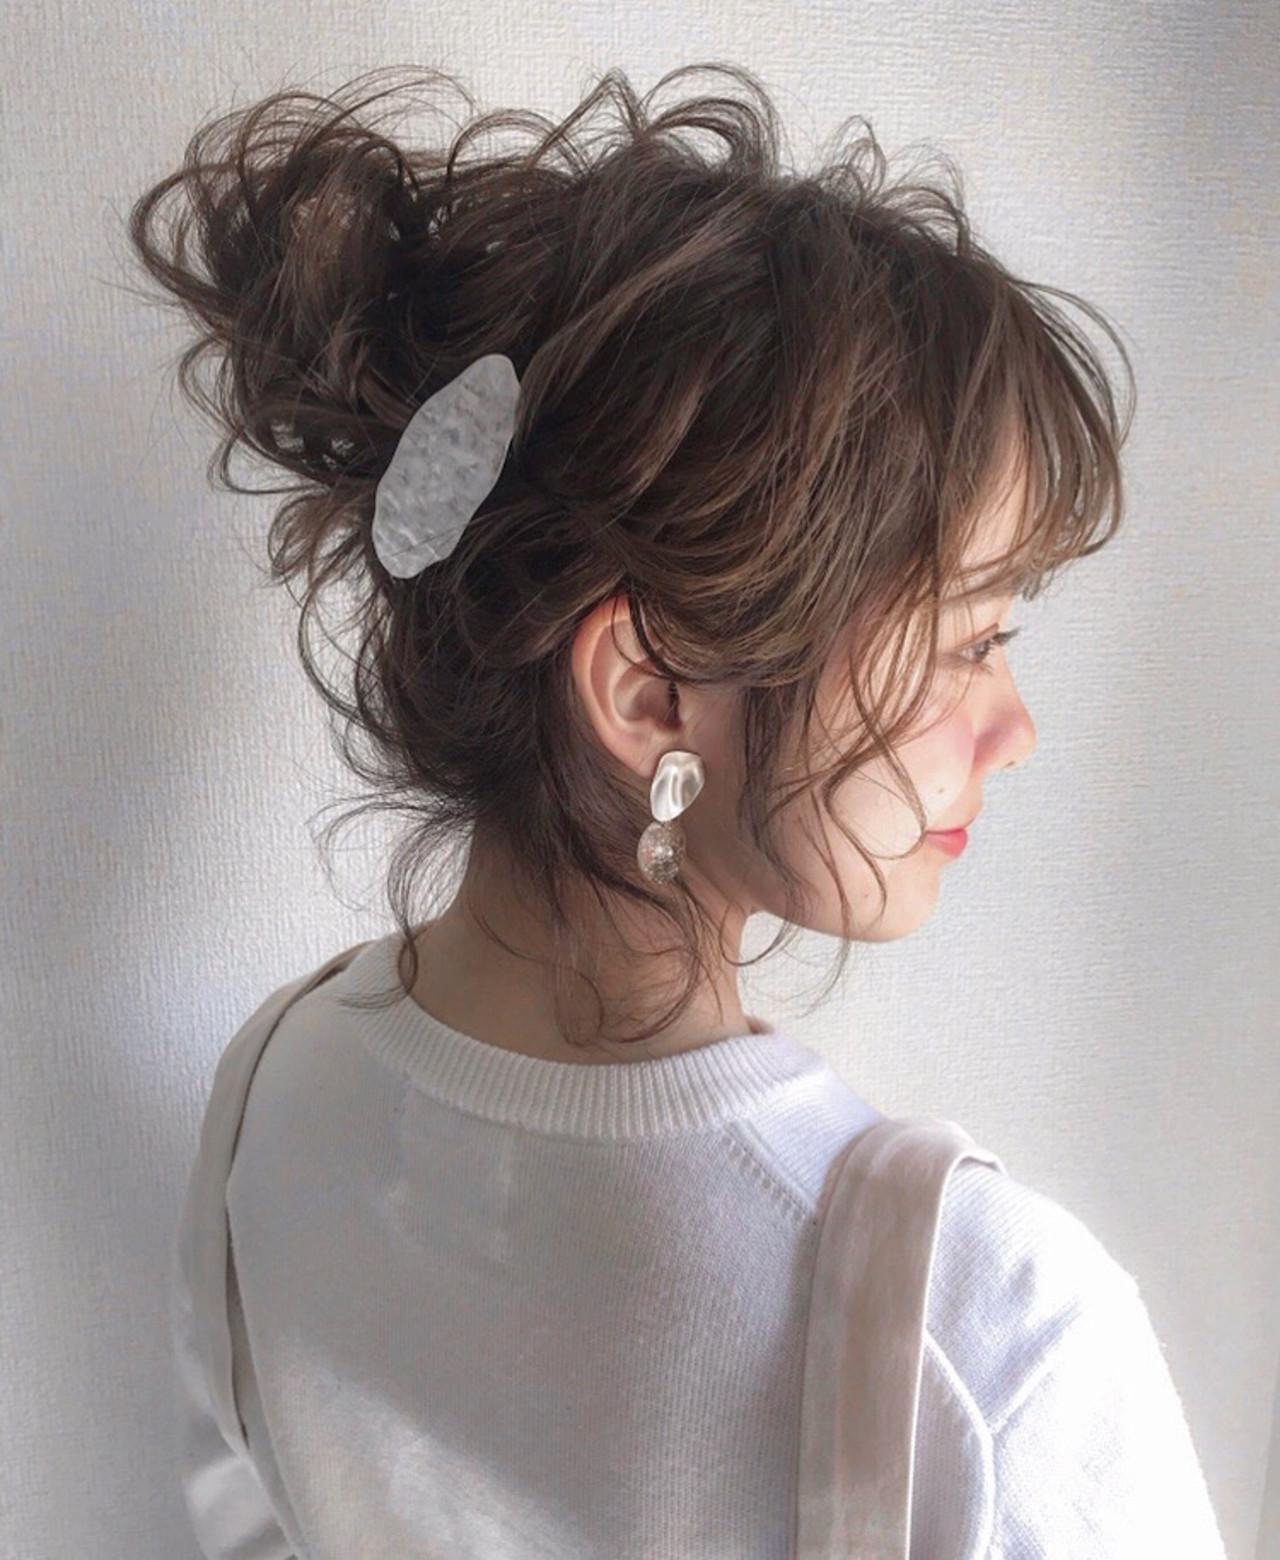 ナチュラル 結婚式 ショート 成人式 ヘアスタイルや髪型の写真・画像 | 三木 奨太 / hair set salon  IRIS